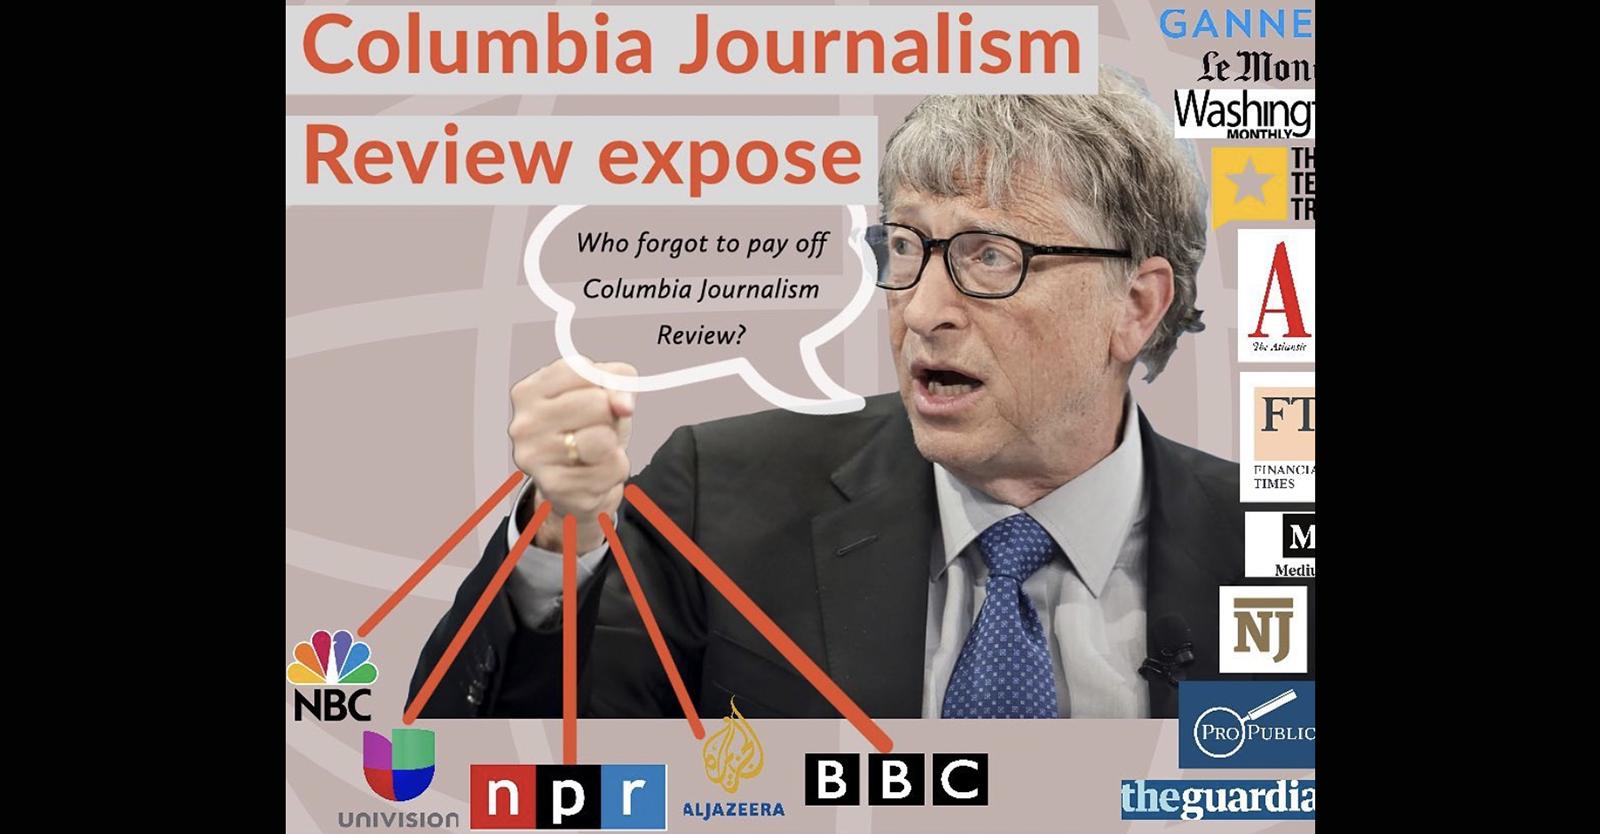 ¿Se está creando un nuevo orden mundial...? 09-02-20_Press-in-His-Pocket_Featured_Image